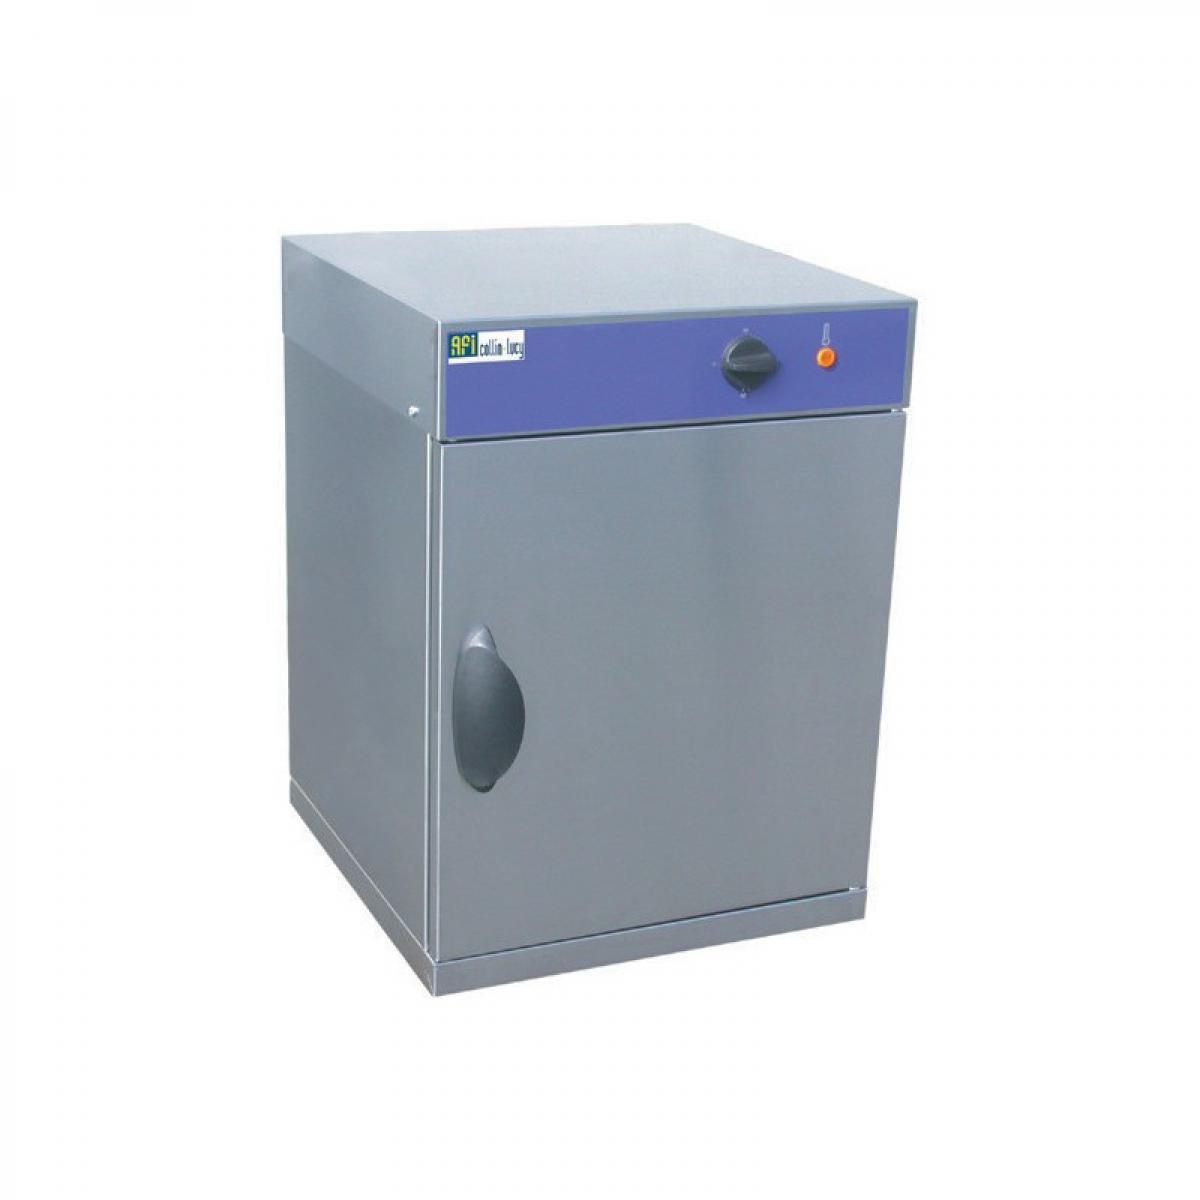 Materiel Chr Pro Chauffe Assiette - 3 Capacités D'Assiettes - AFI Collin Lucy - 30 assiettes